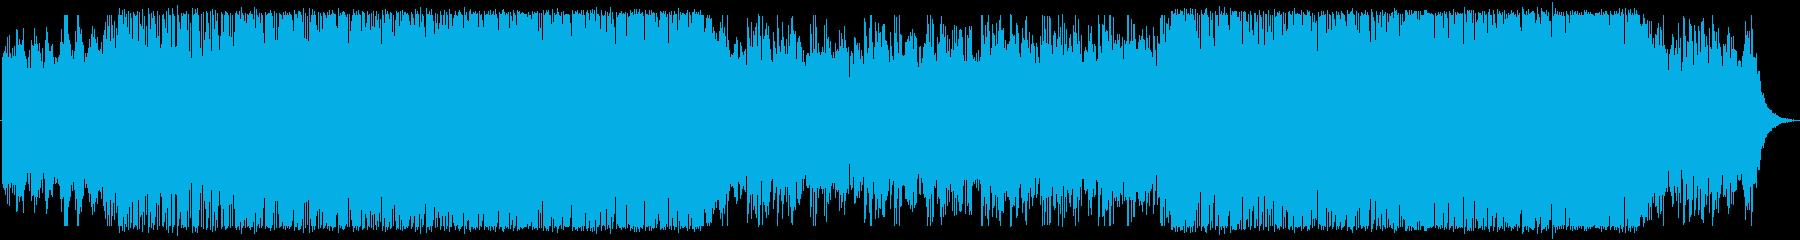 海外の車ブランドCMイメージBGM/洋楽の再生済みの波形